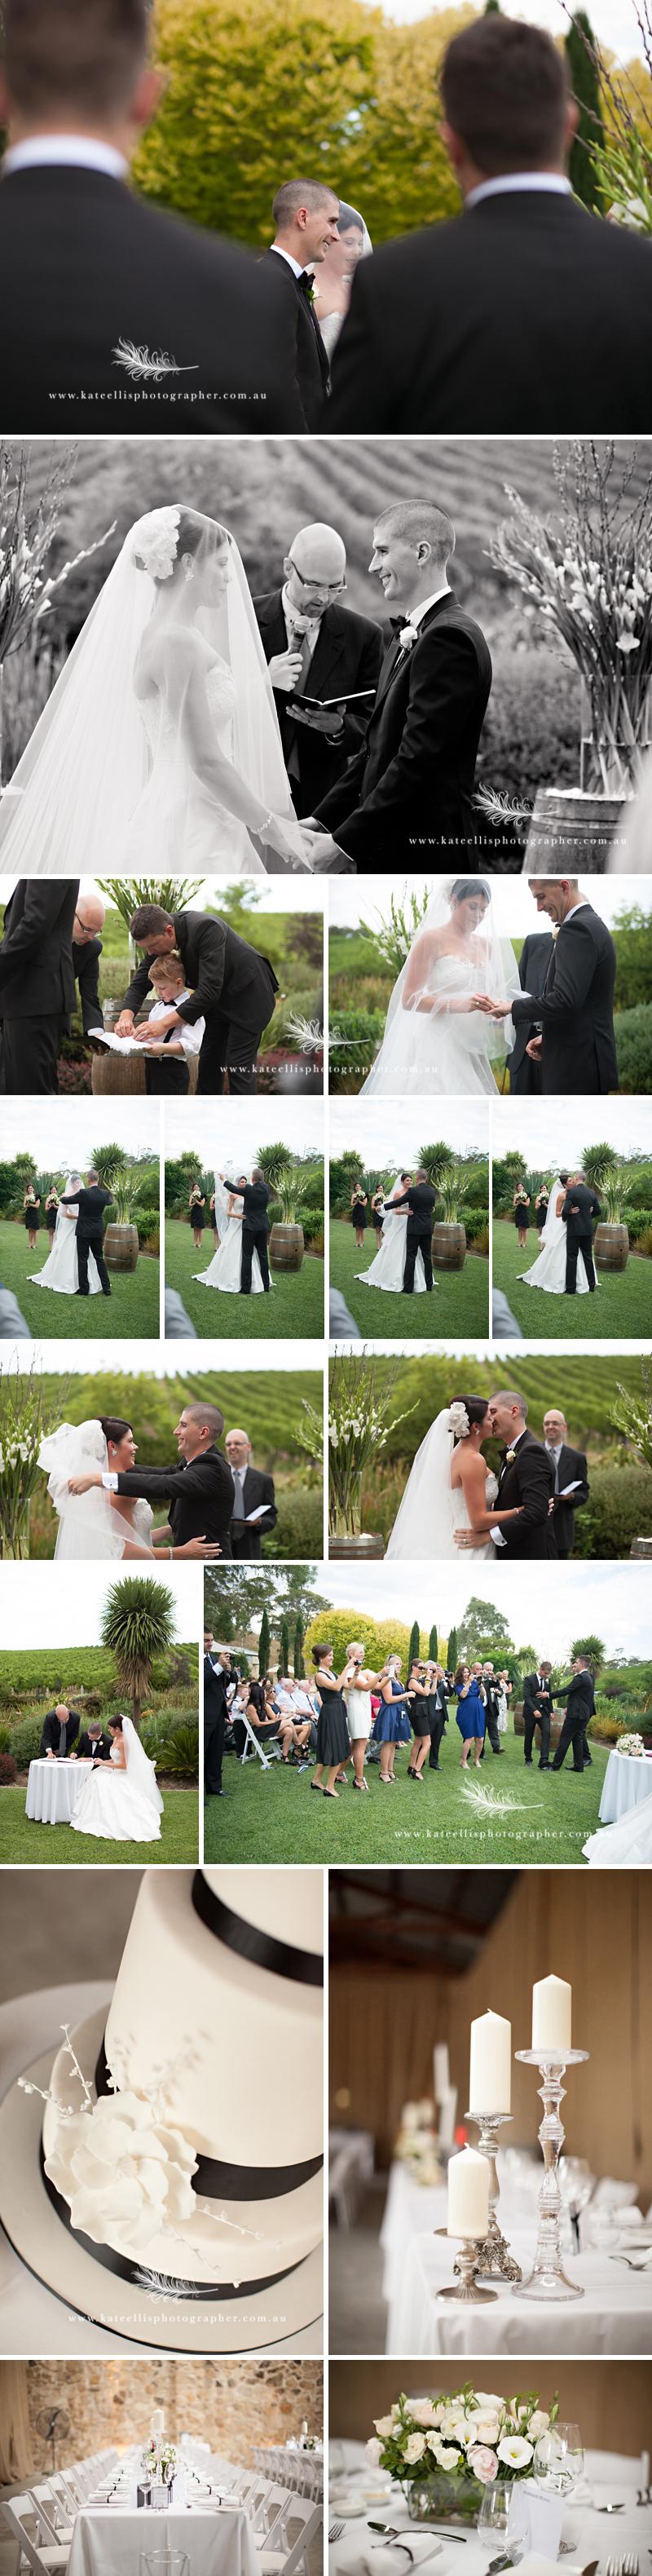 5 adelaide wedding photographer